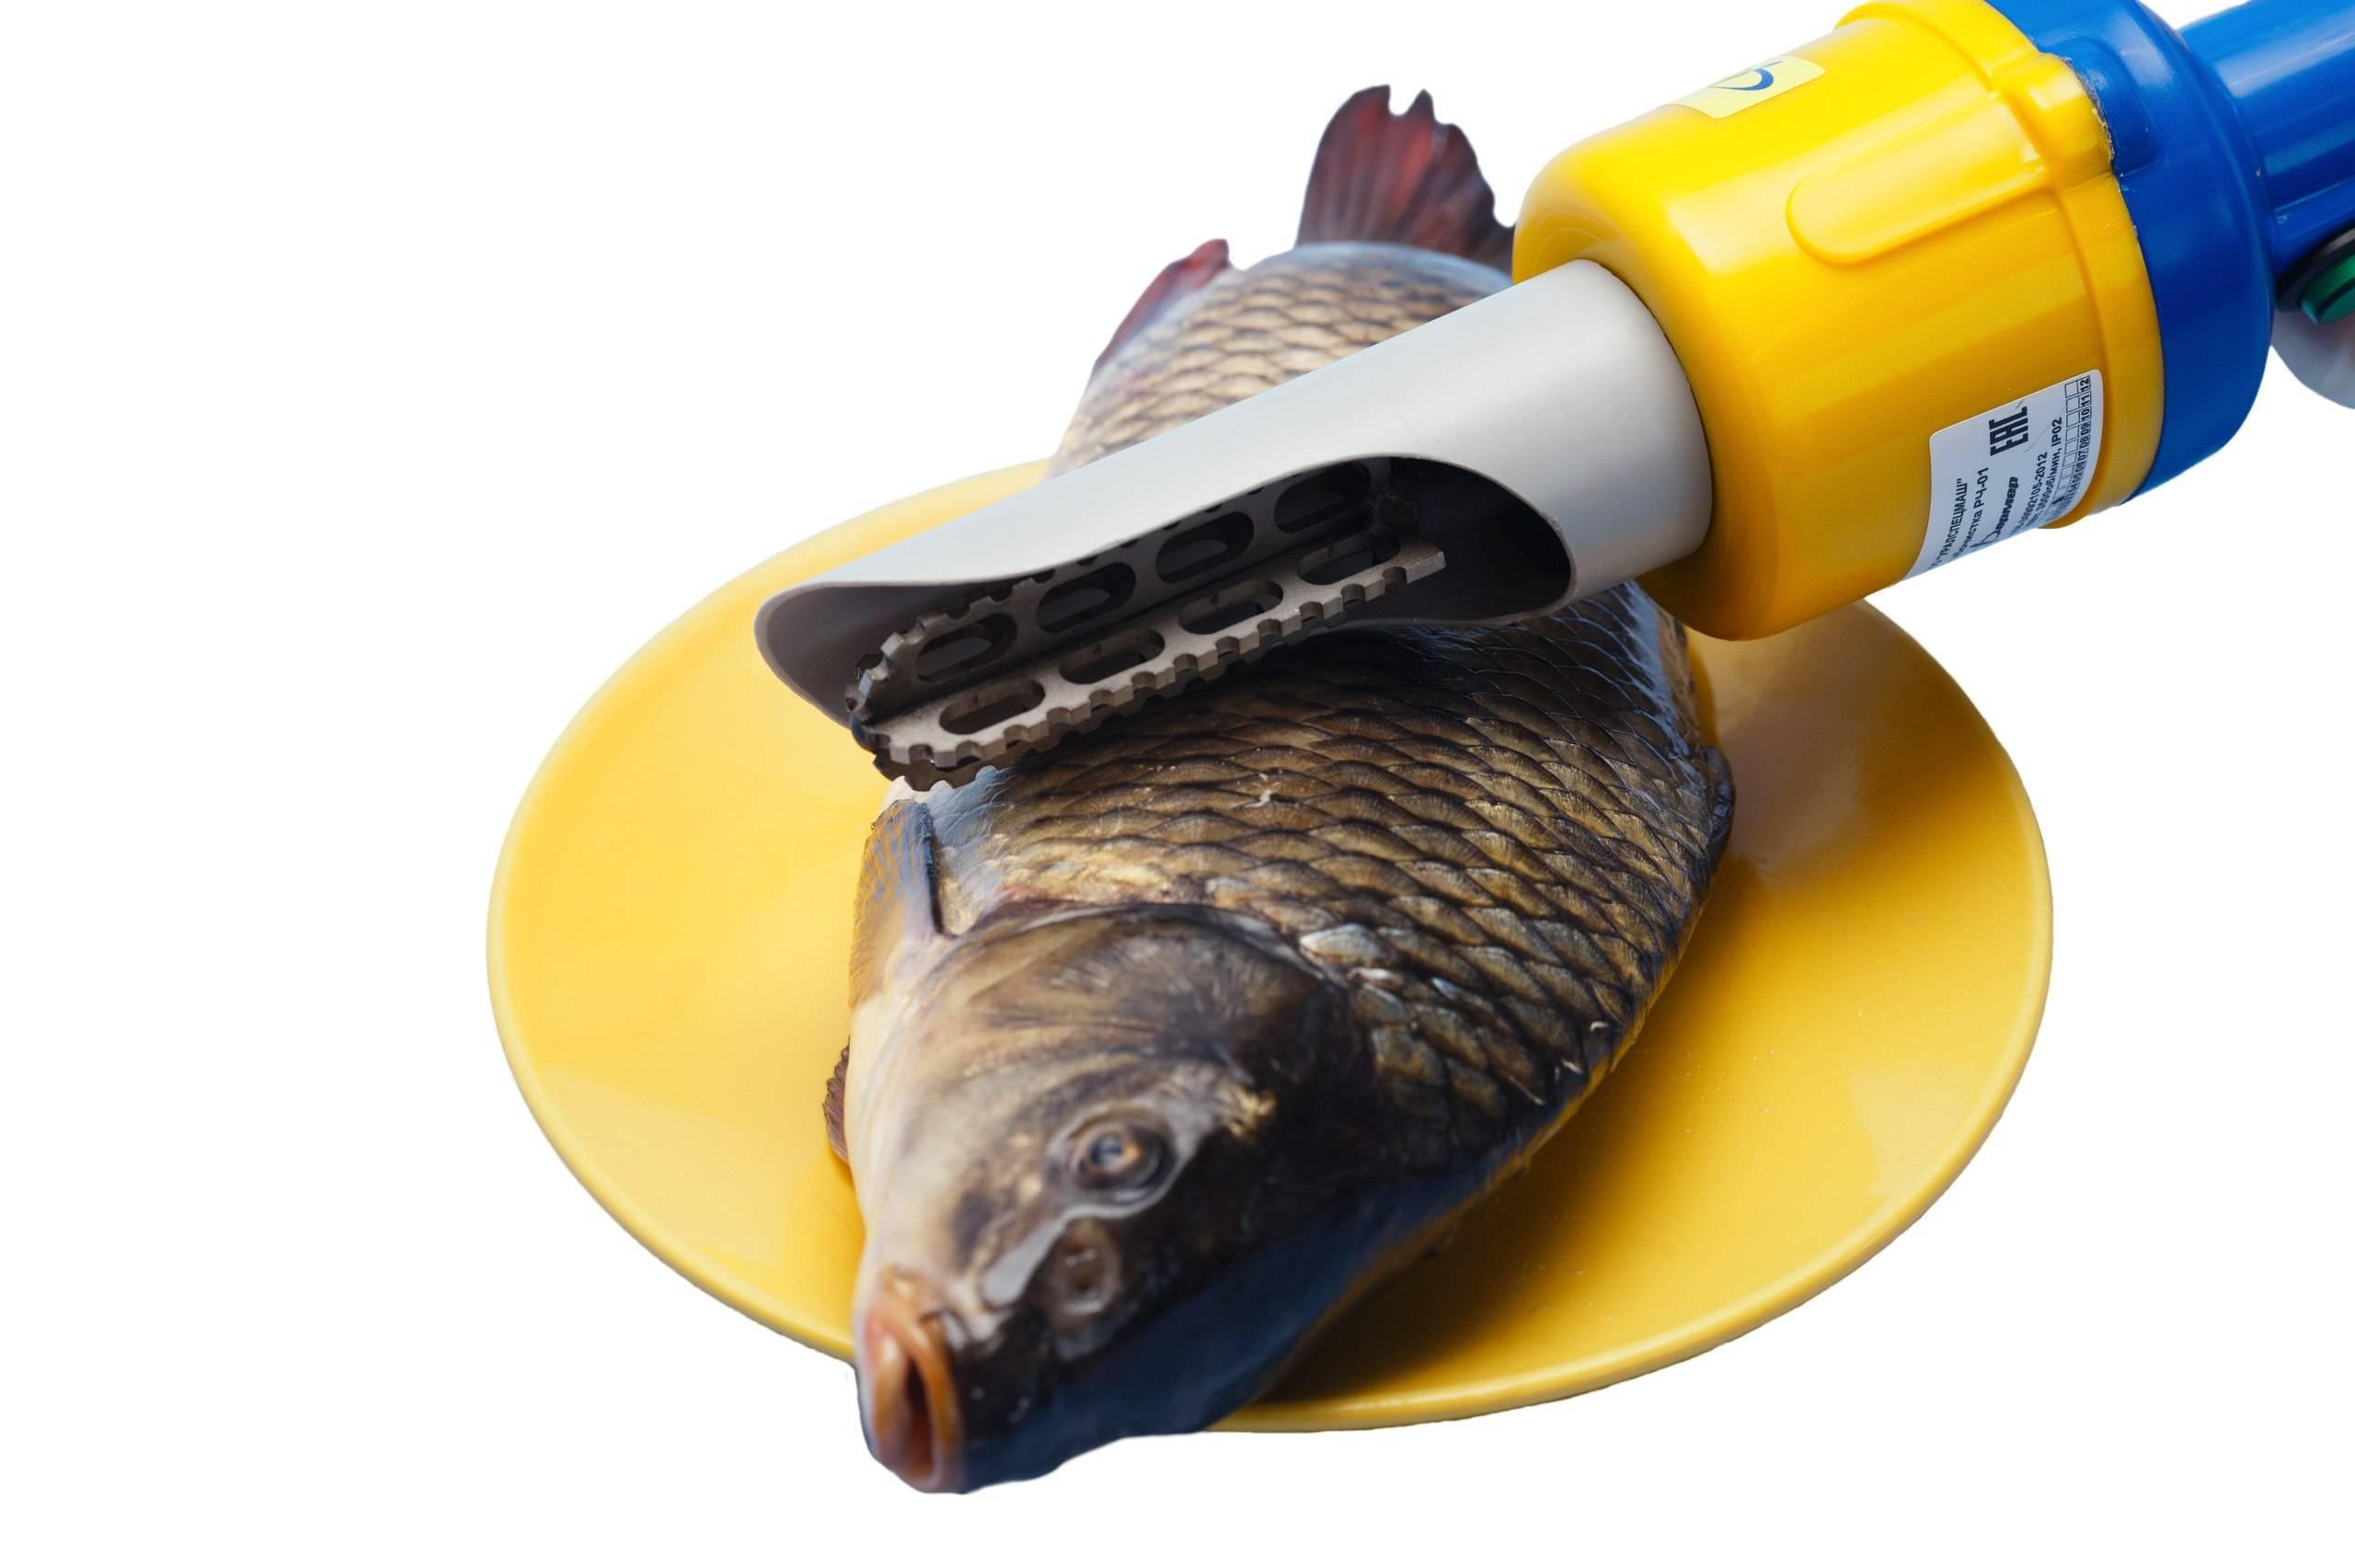 Как выбрать скребок для чистки рыбы